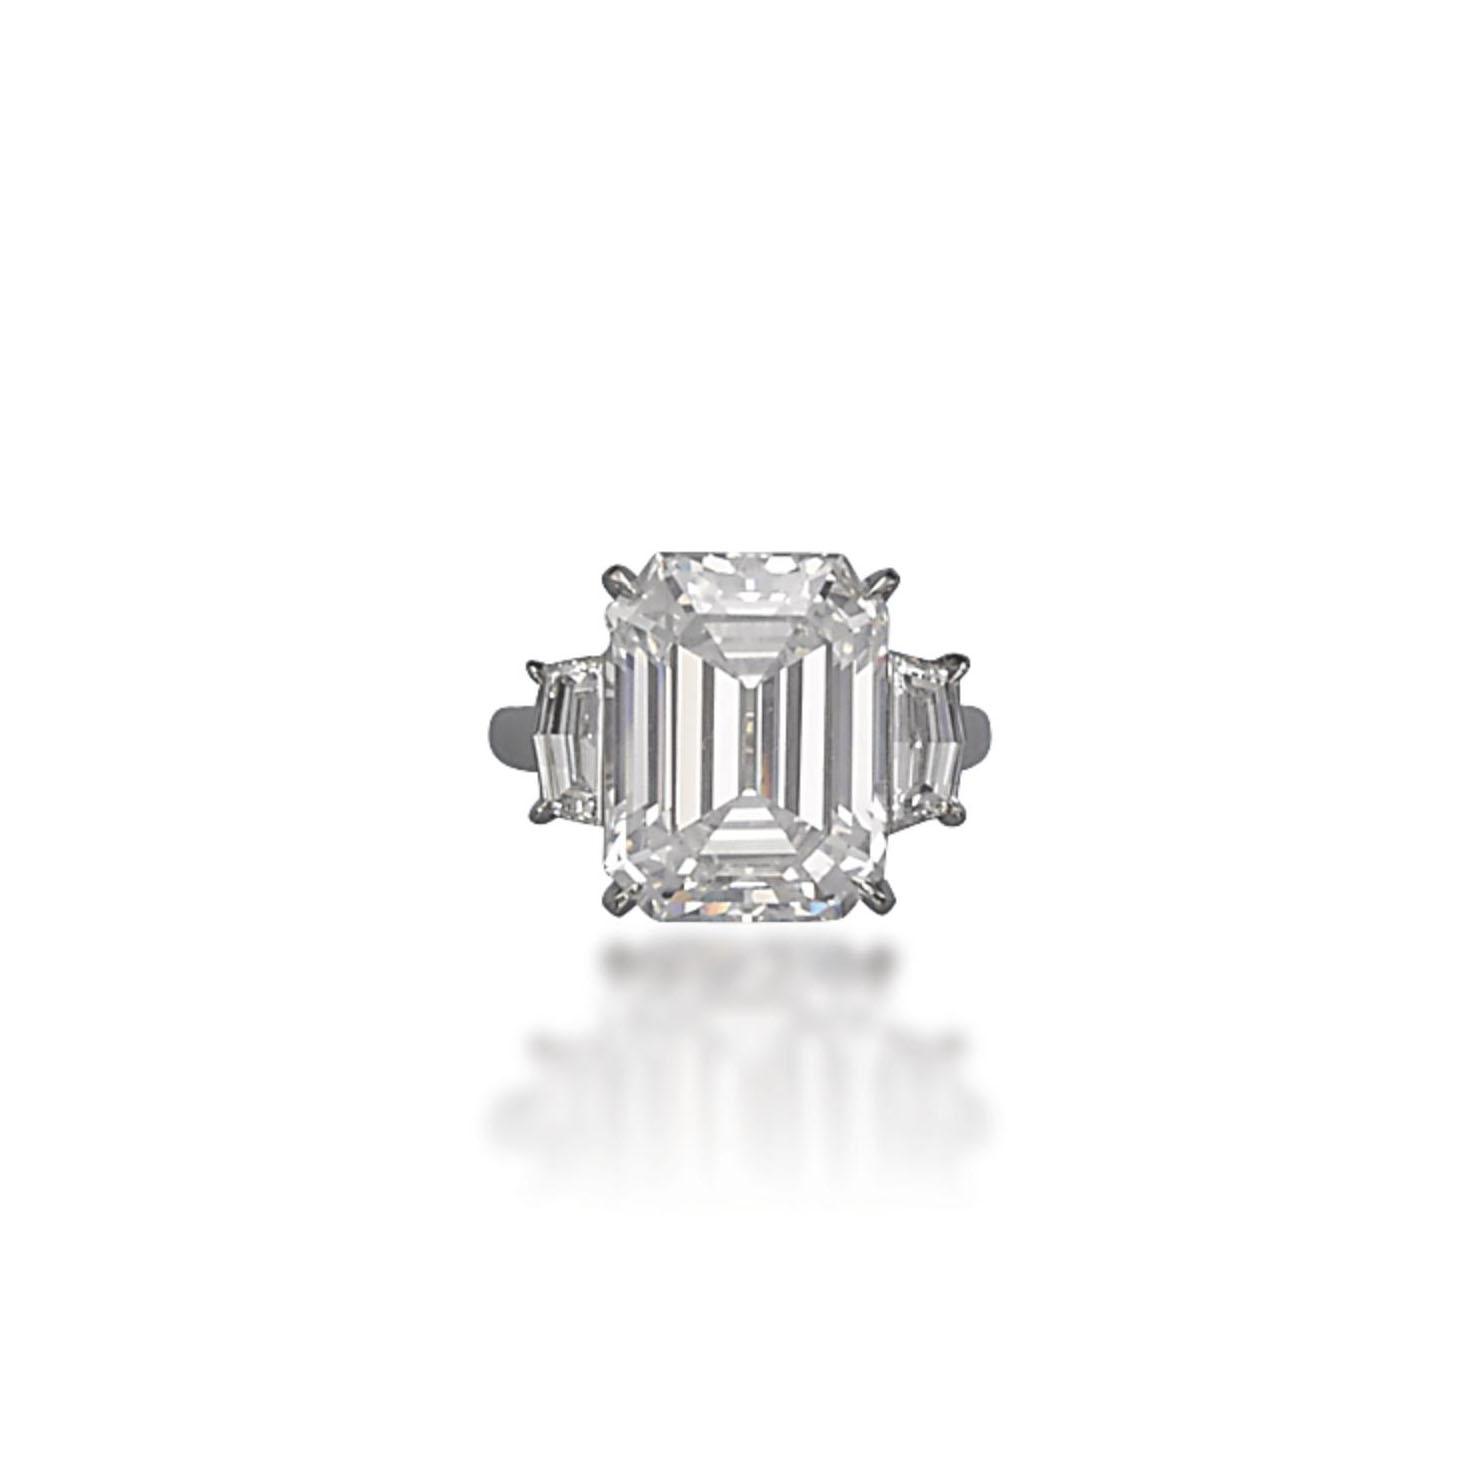 A DIAMOND RING, BY OSCAR HEYMAN